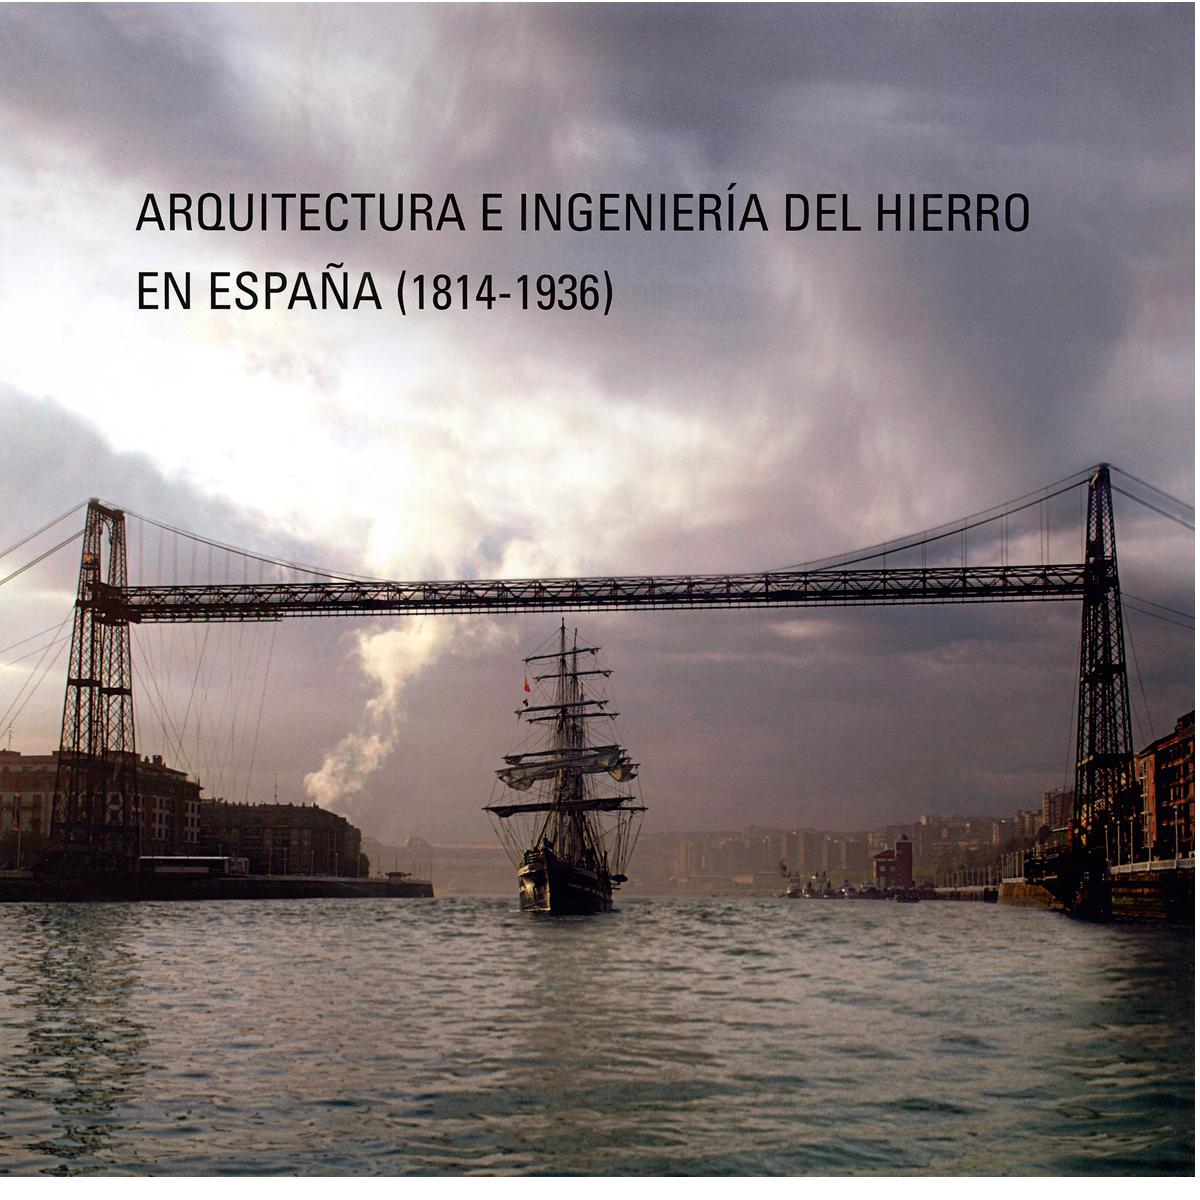 Arquitectura e ingeniería  del hierro en España (1814-1936)